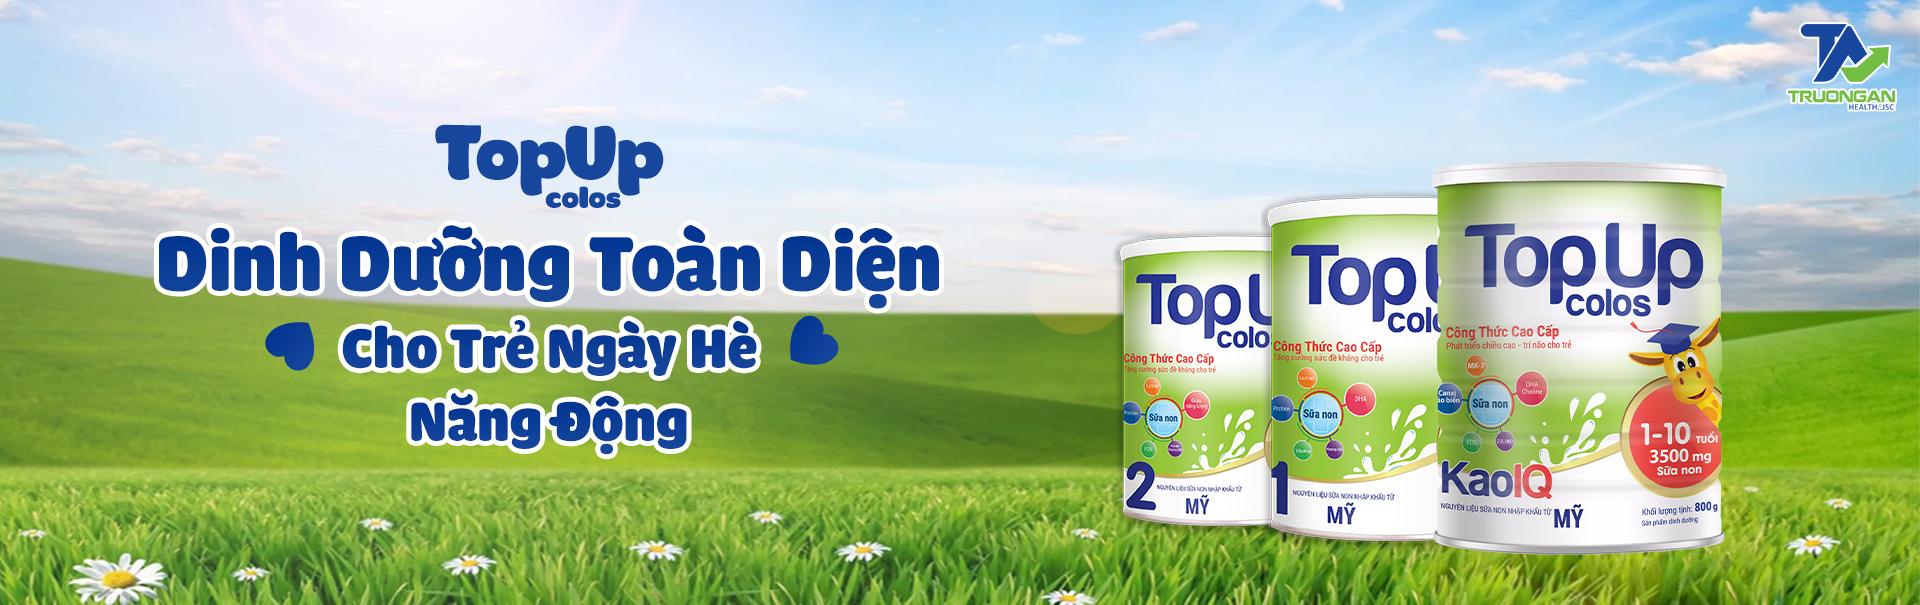 truongan-banner-thang7-topup-colos